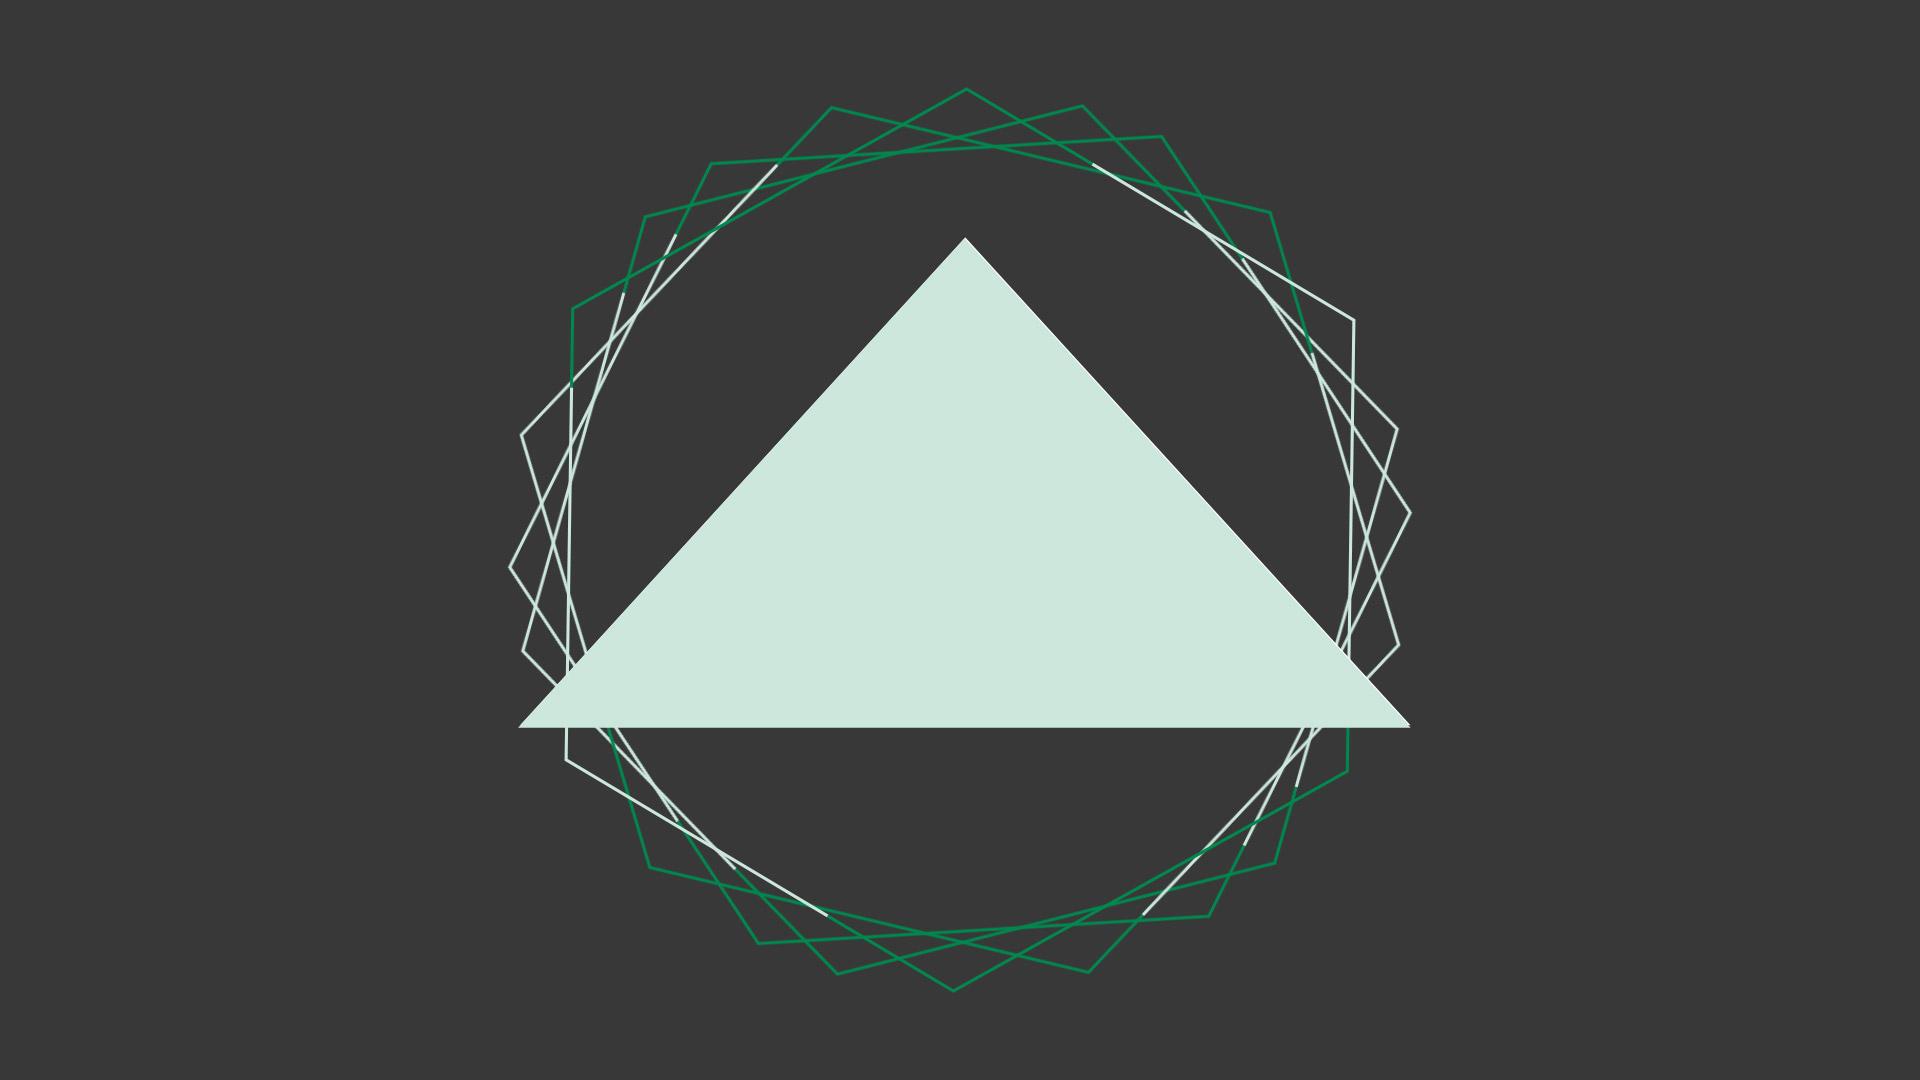 Desjardins_German Moreno_DesignerNO-MASK-2018-09-26-08.44.04-PM